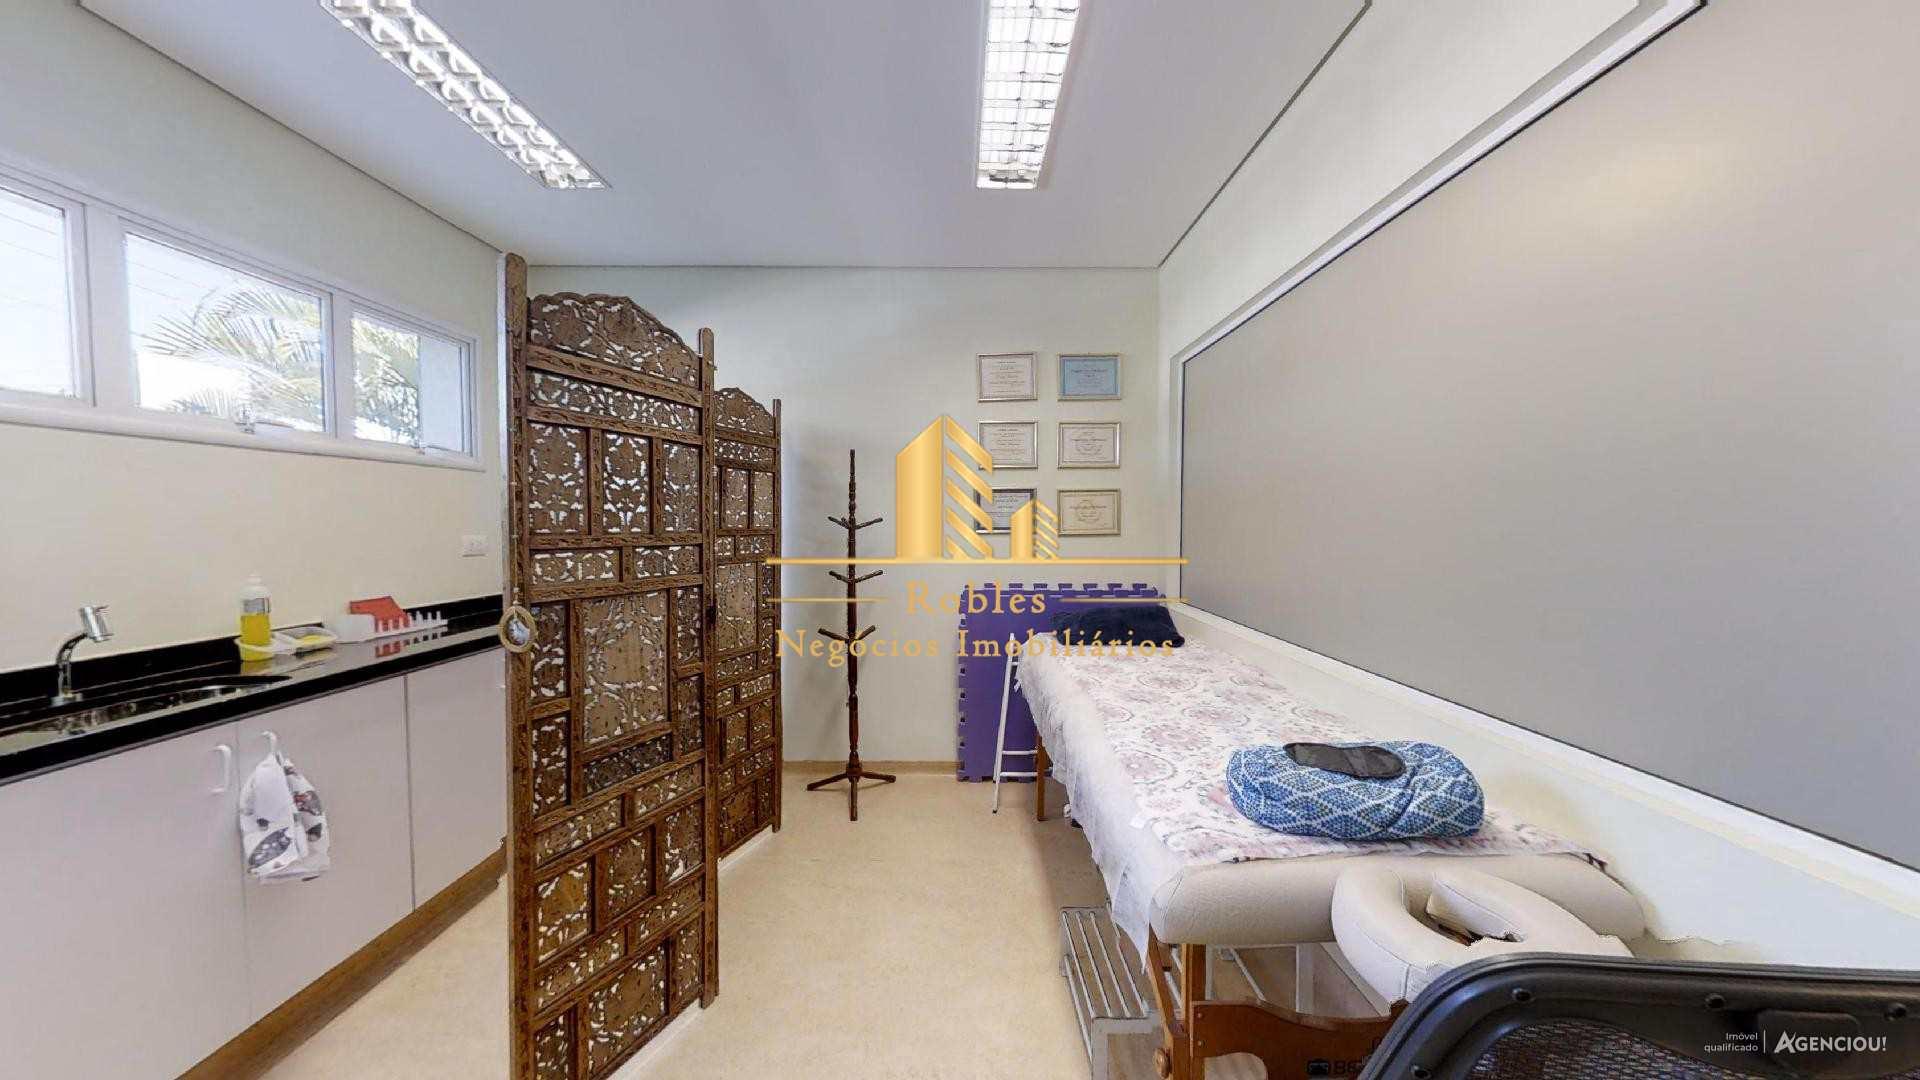 Casa com 1 dorm, Indianópolis, São Paulo - R$ 4.5 mi, Cod: 741